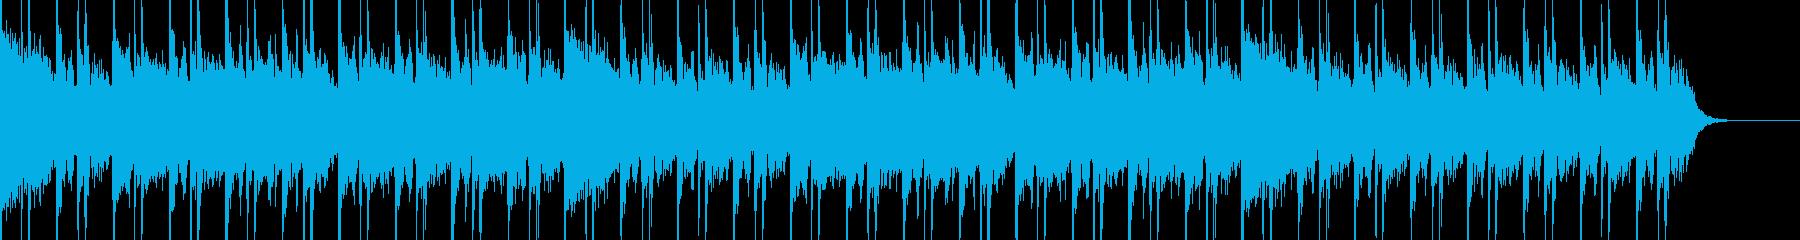 ドラがドジャァァーンからの中華風BGMの再生済みの波形